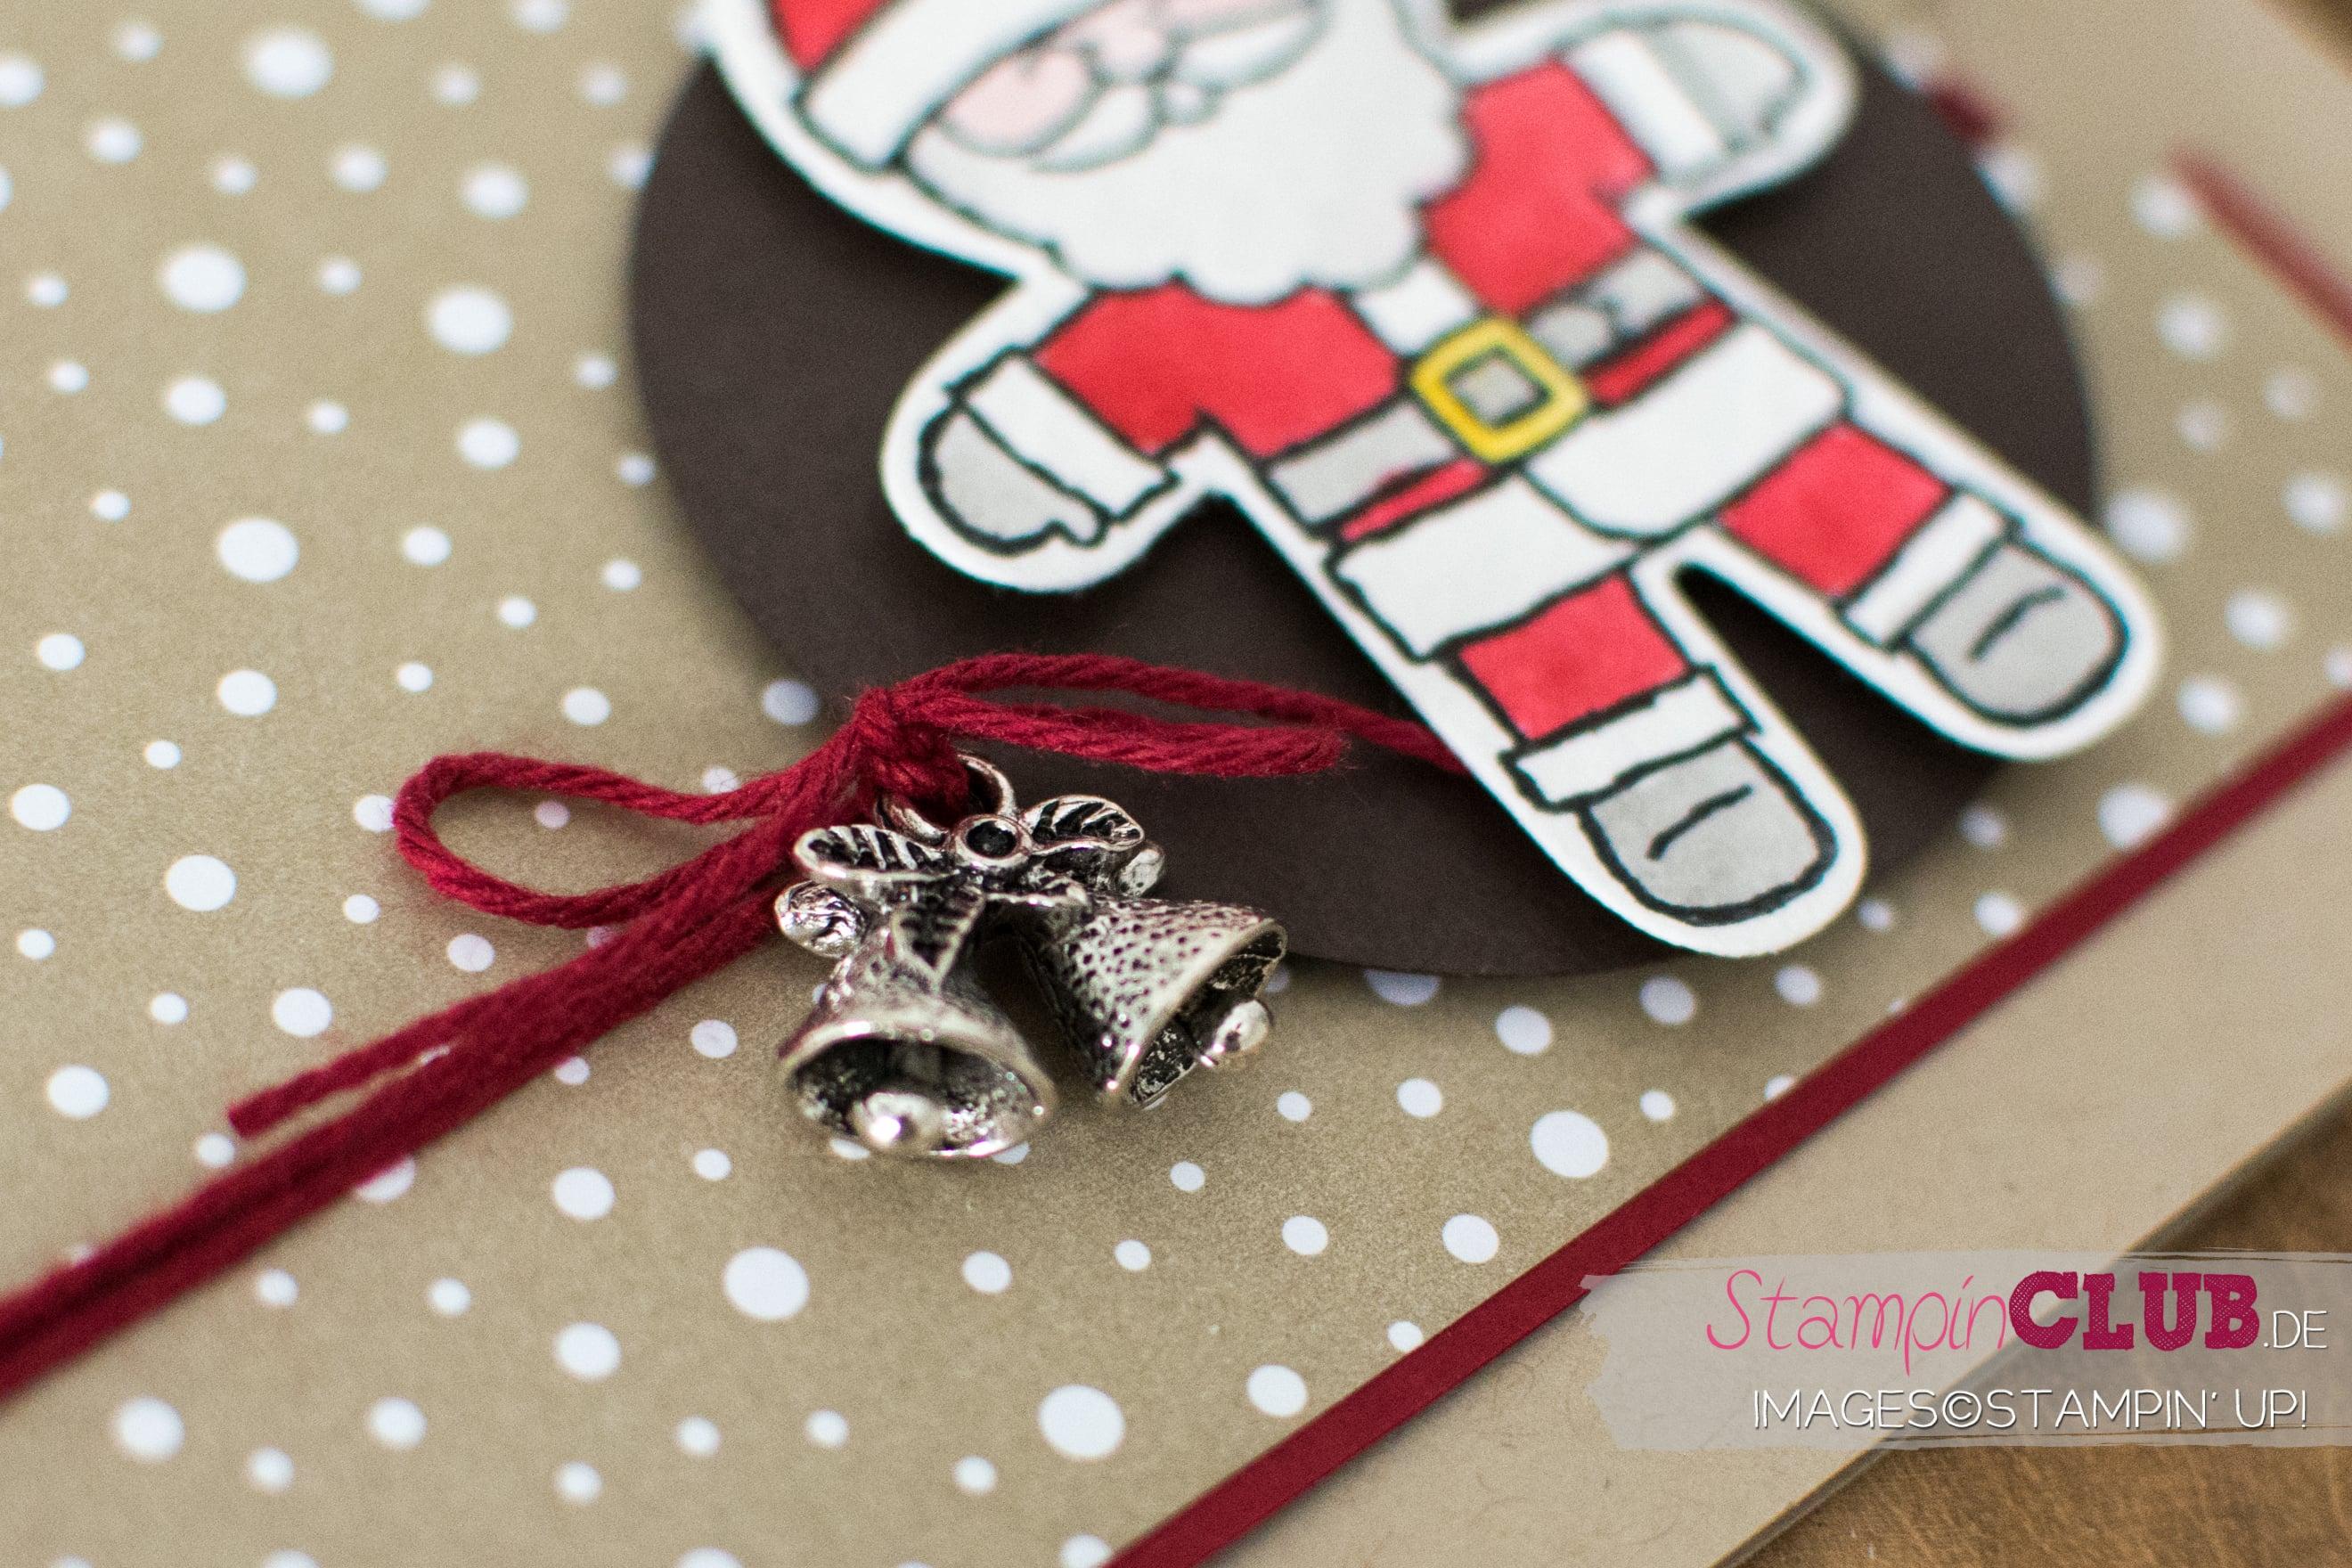 20161003-stampinclub-stampin-up-ausgestochen-weihnachtlich-cookie-cutter-christmas_-4